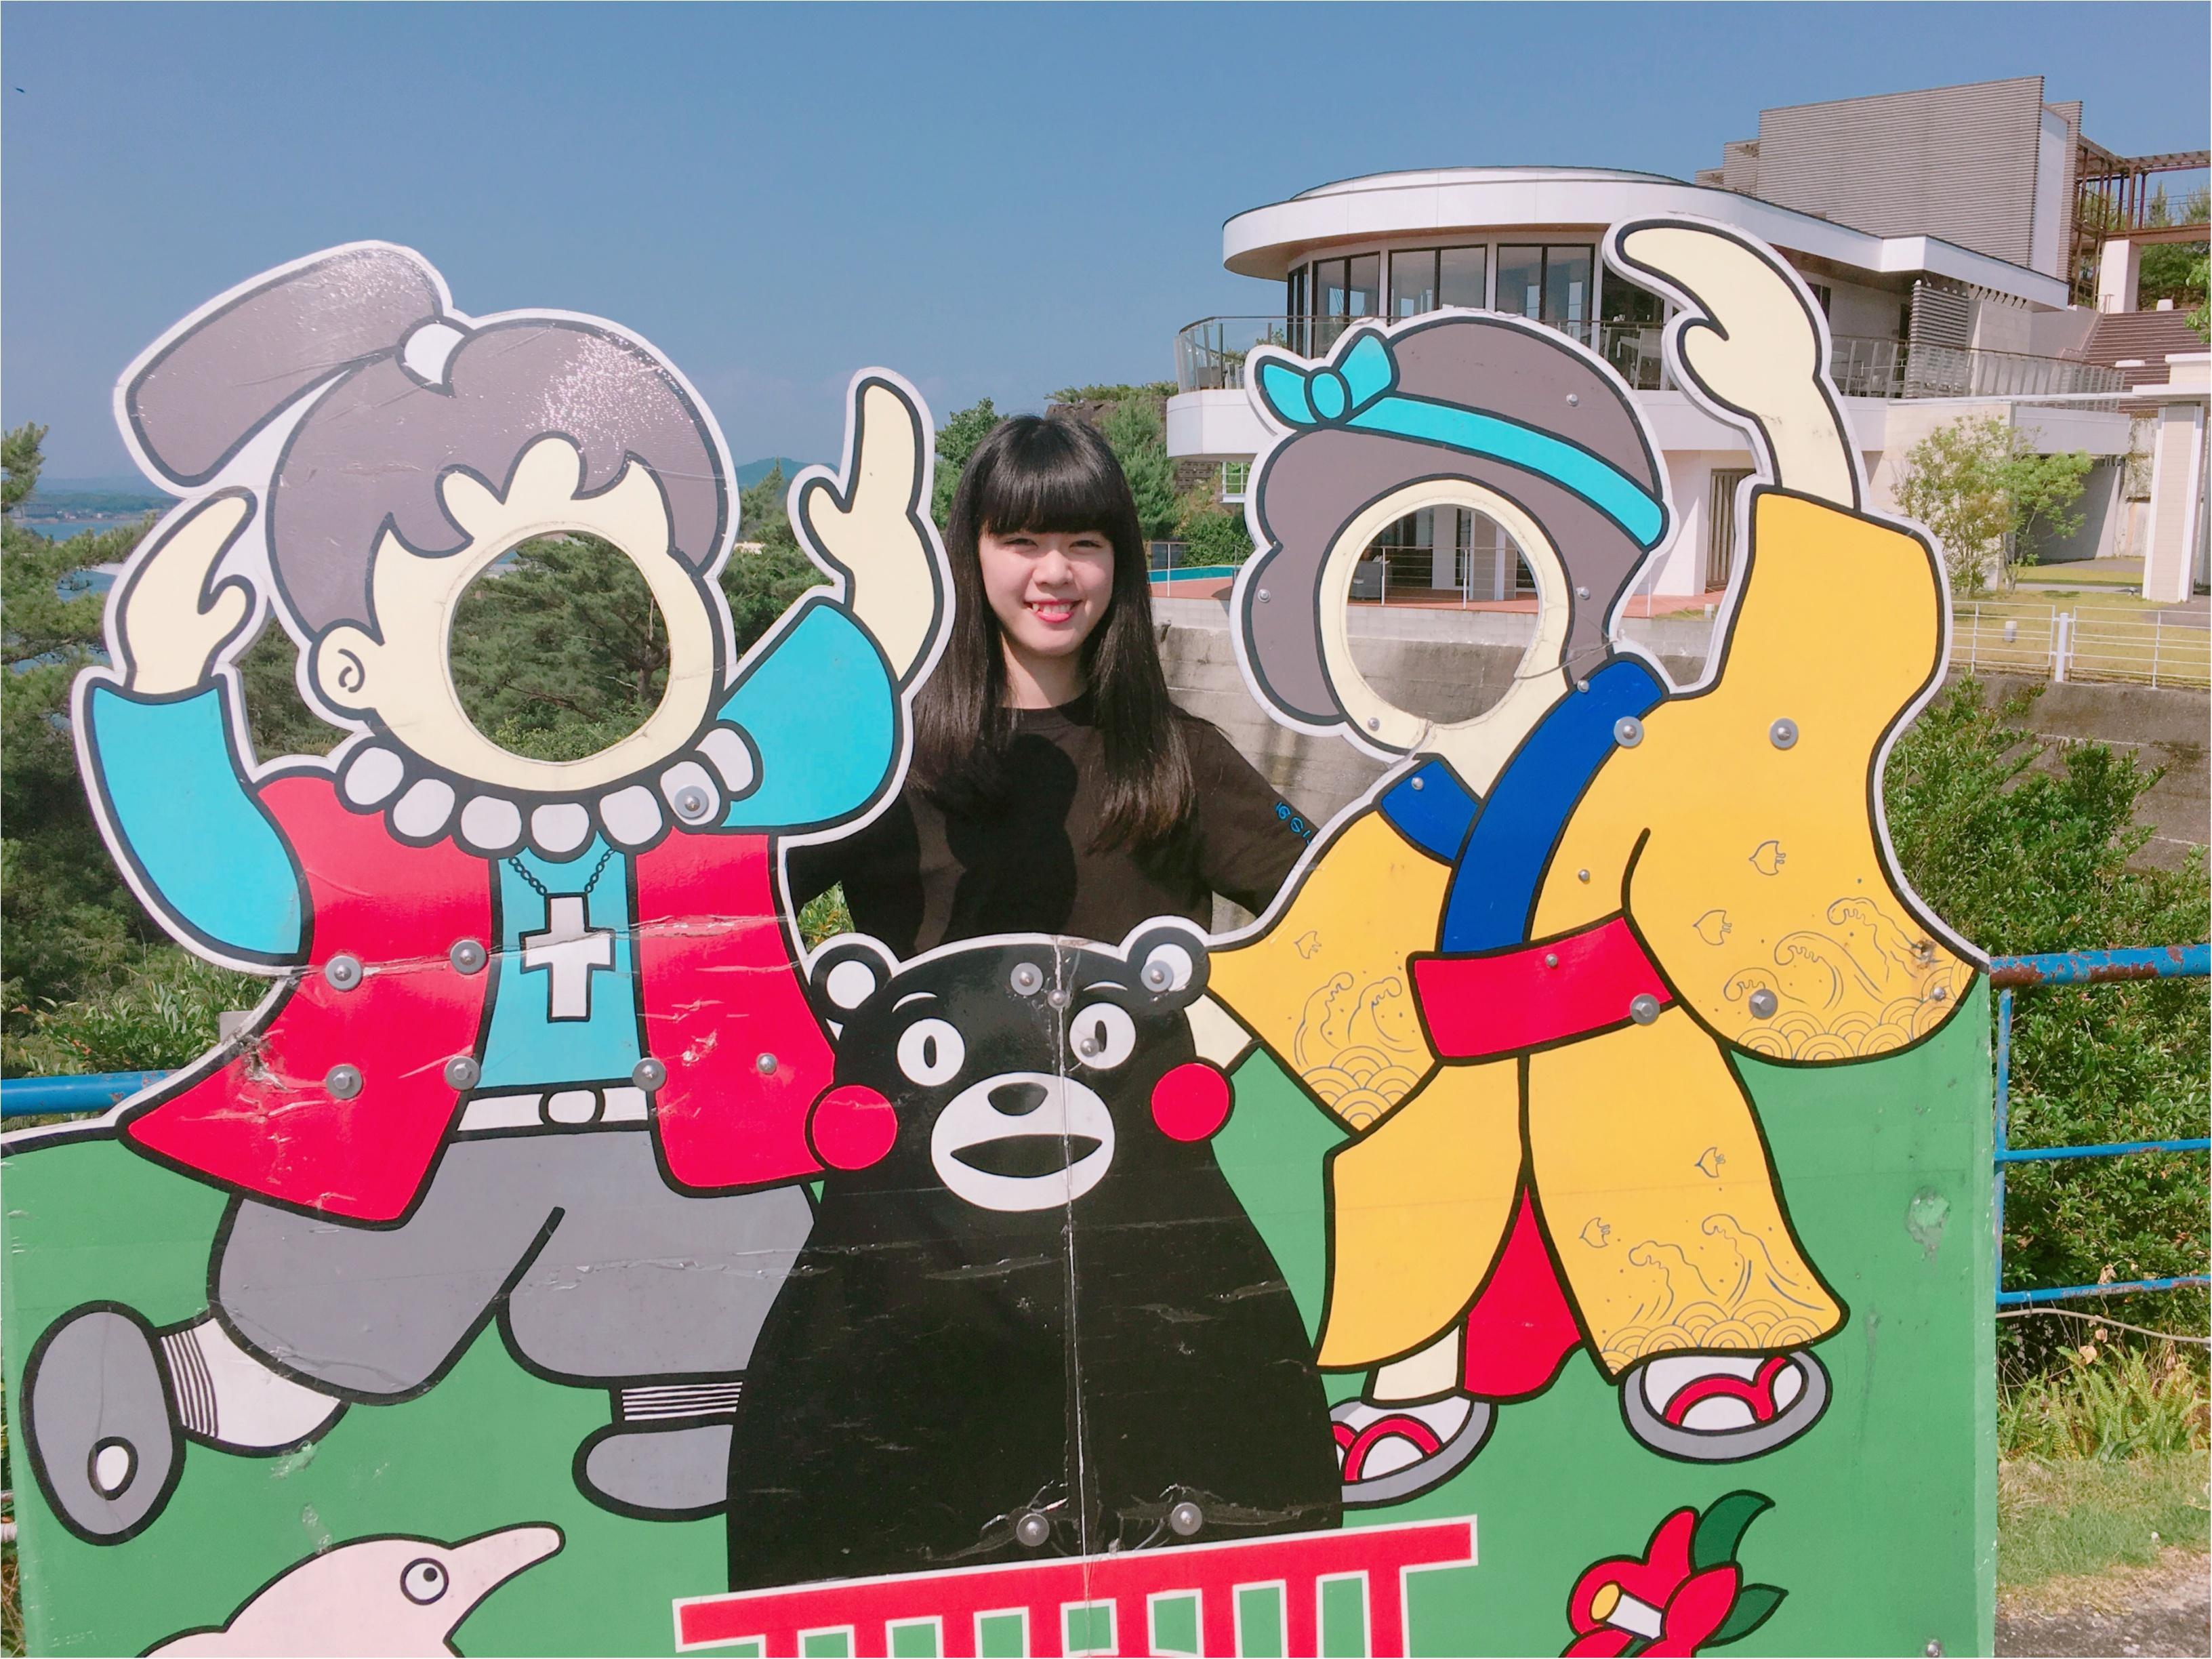 天草で大人気のスポット&絶品塩パン、教えちゃいます!【#モアチャレ 熊本の魅力発信!】_9